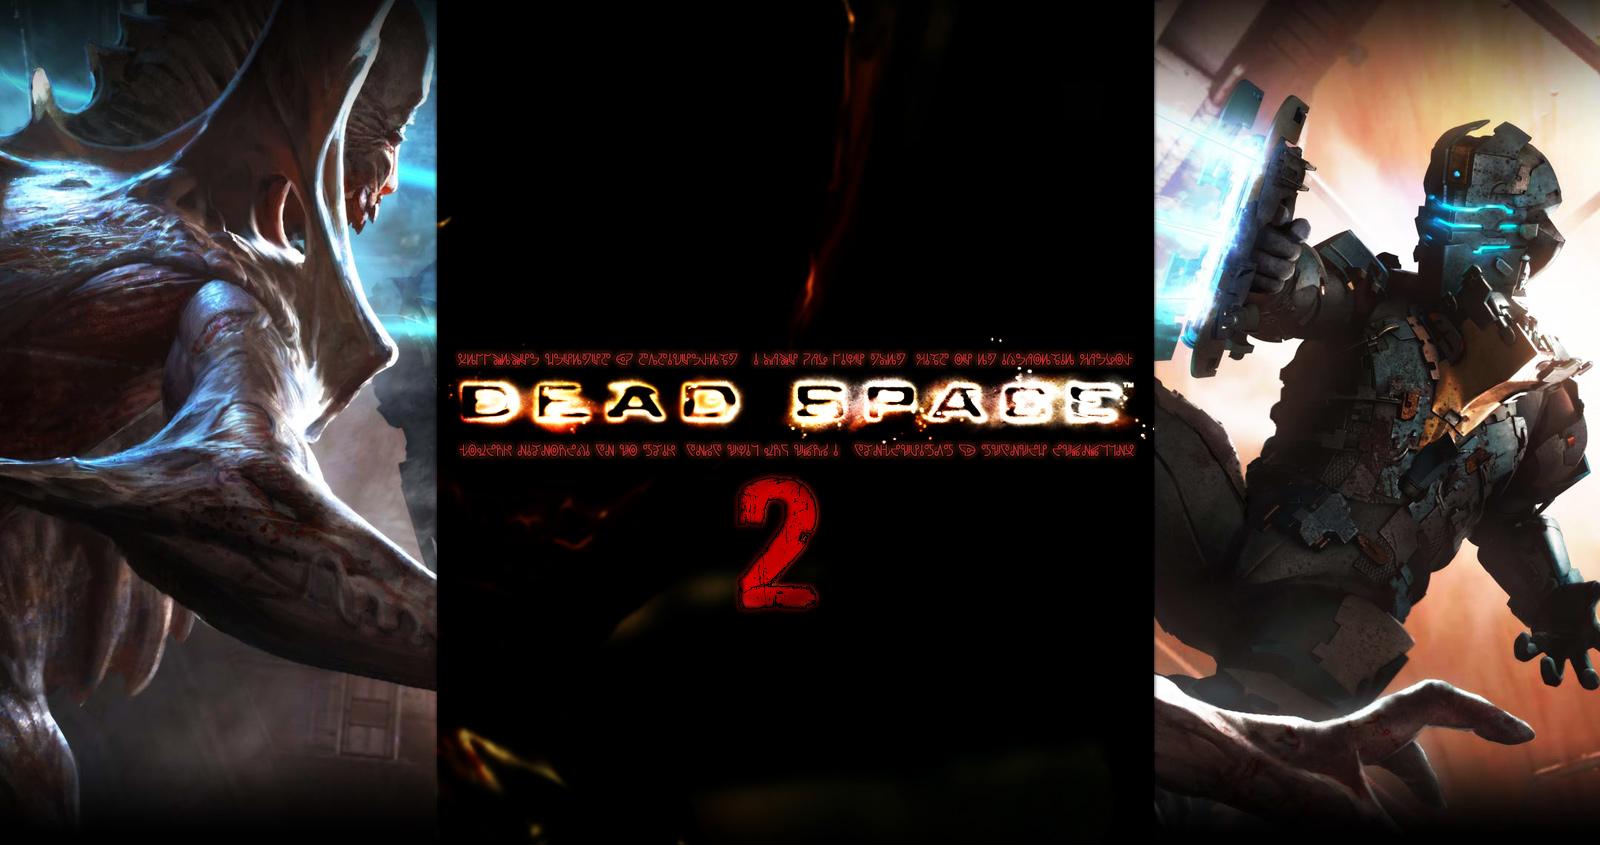 Dead Space 2 Wallpaper Runes By Djdiversant